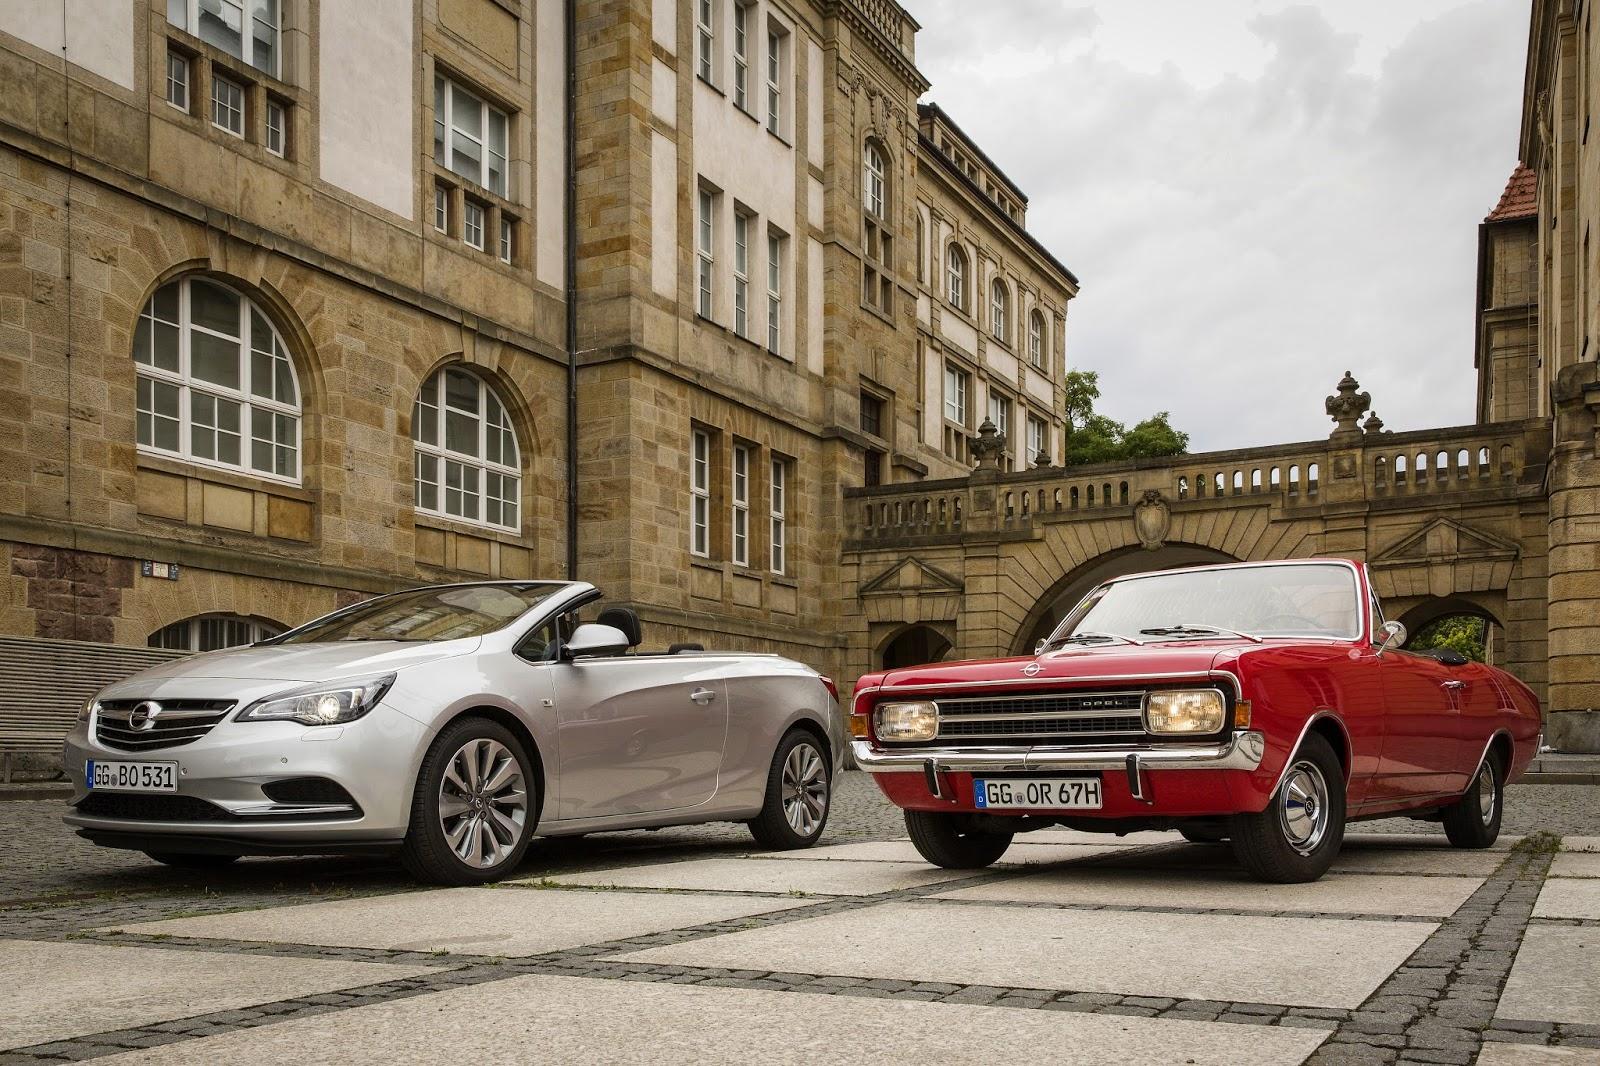 Opel ADAC Hessen Thueringen 300519 Ράλι κλασικών μοντέλων Opel στο Hessen-Thüringen Classic, Opel, Opel Cascada, Opel Record, Opel Wagon, Rally